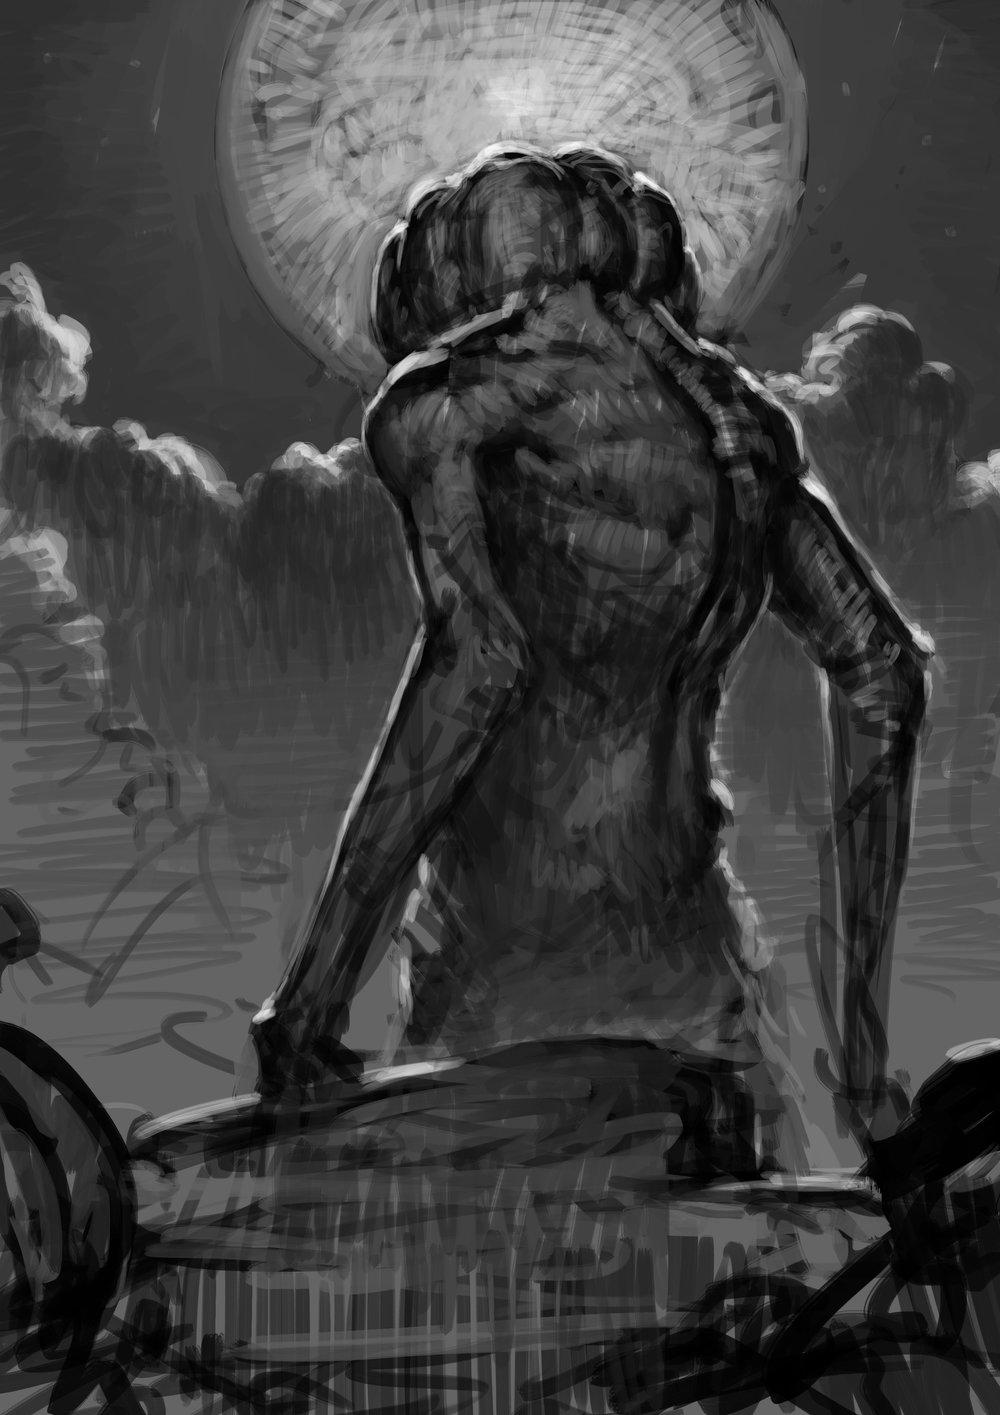 raphael-lubke-halloween-horror-2.jpg